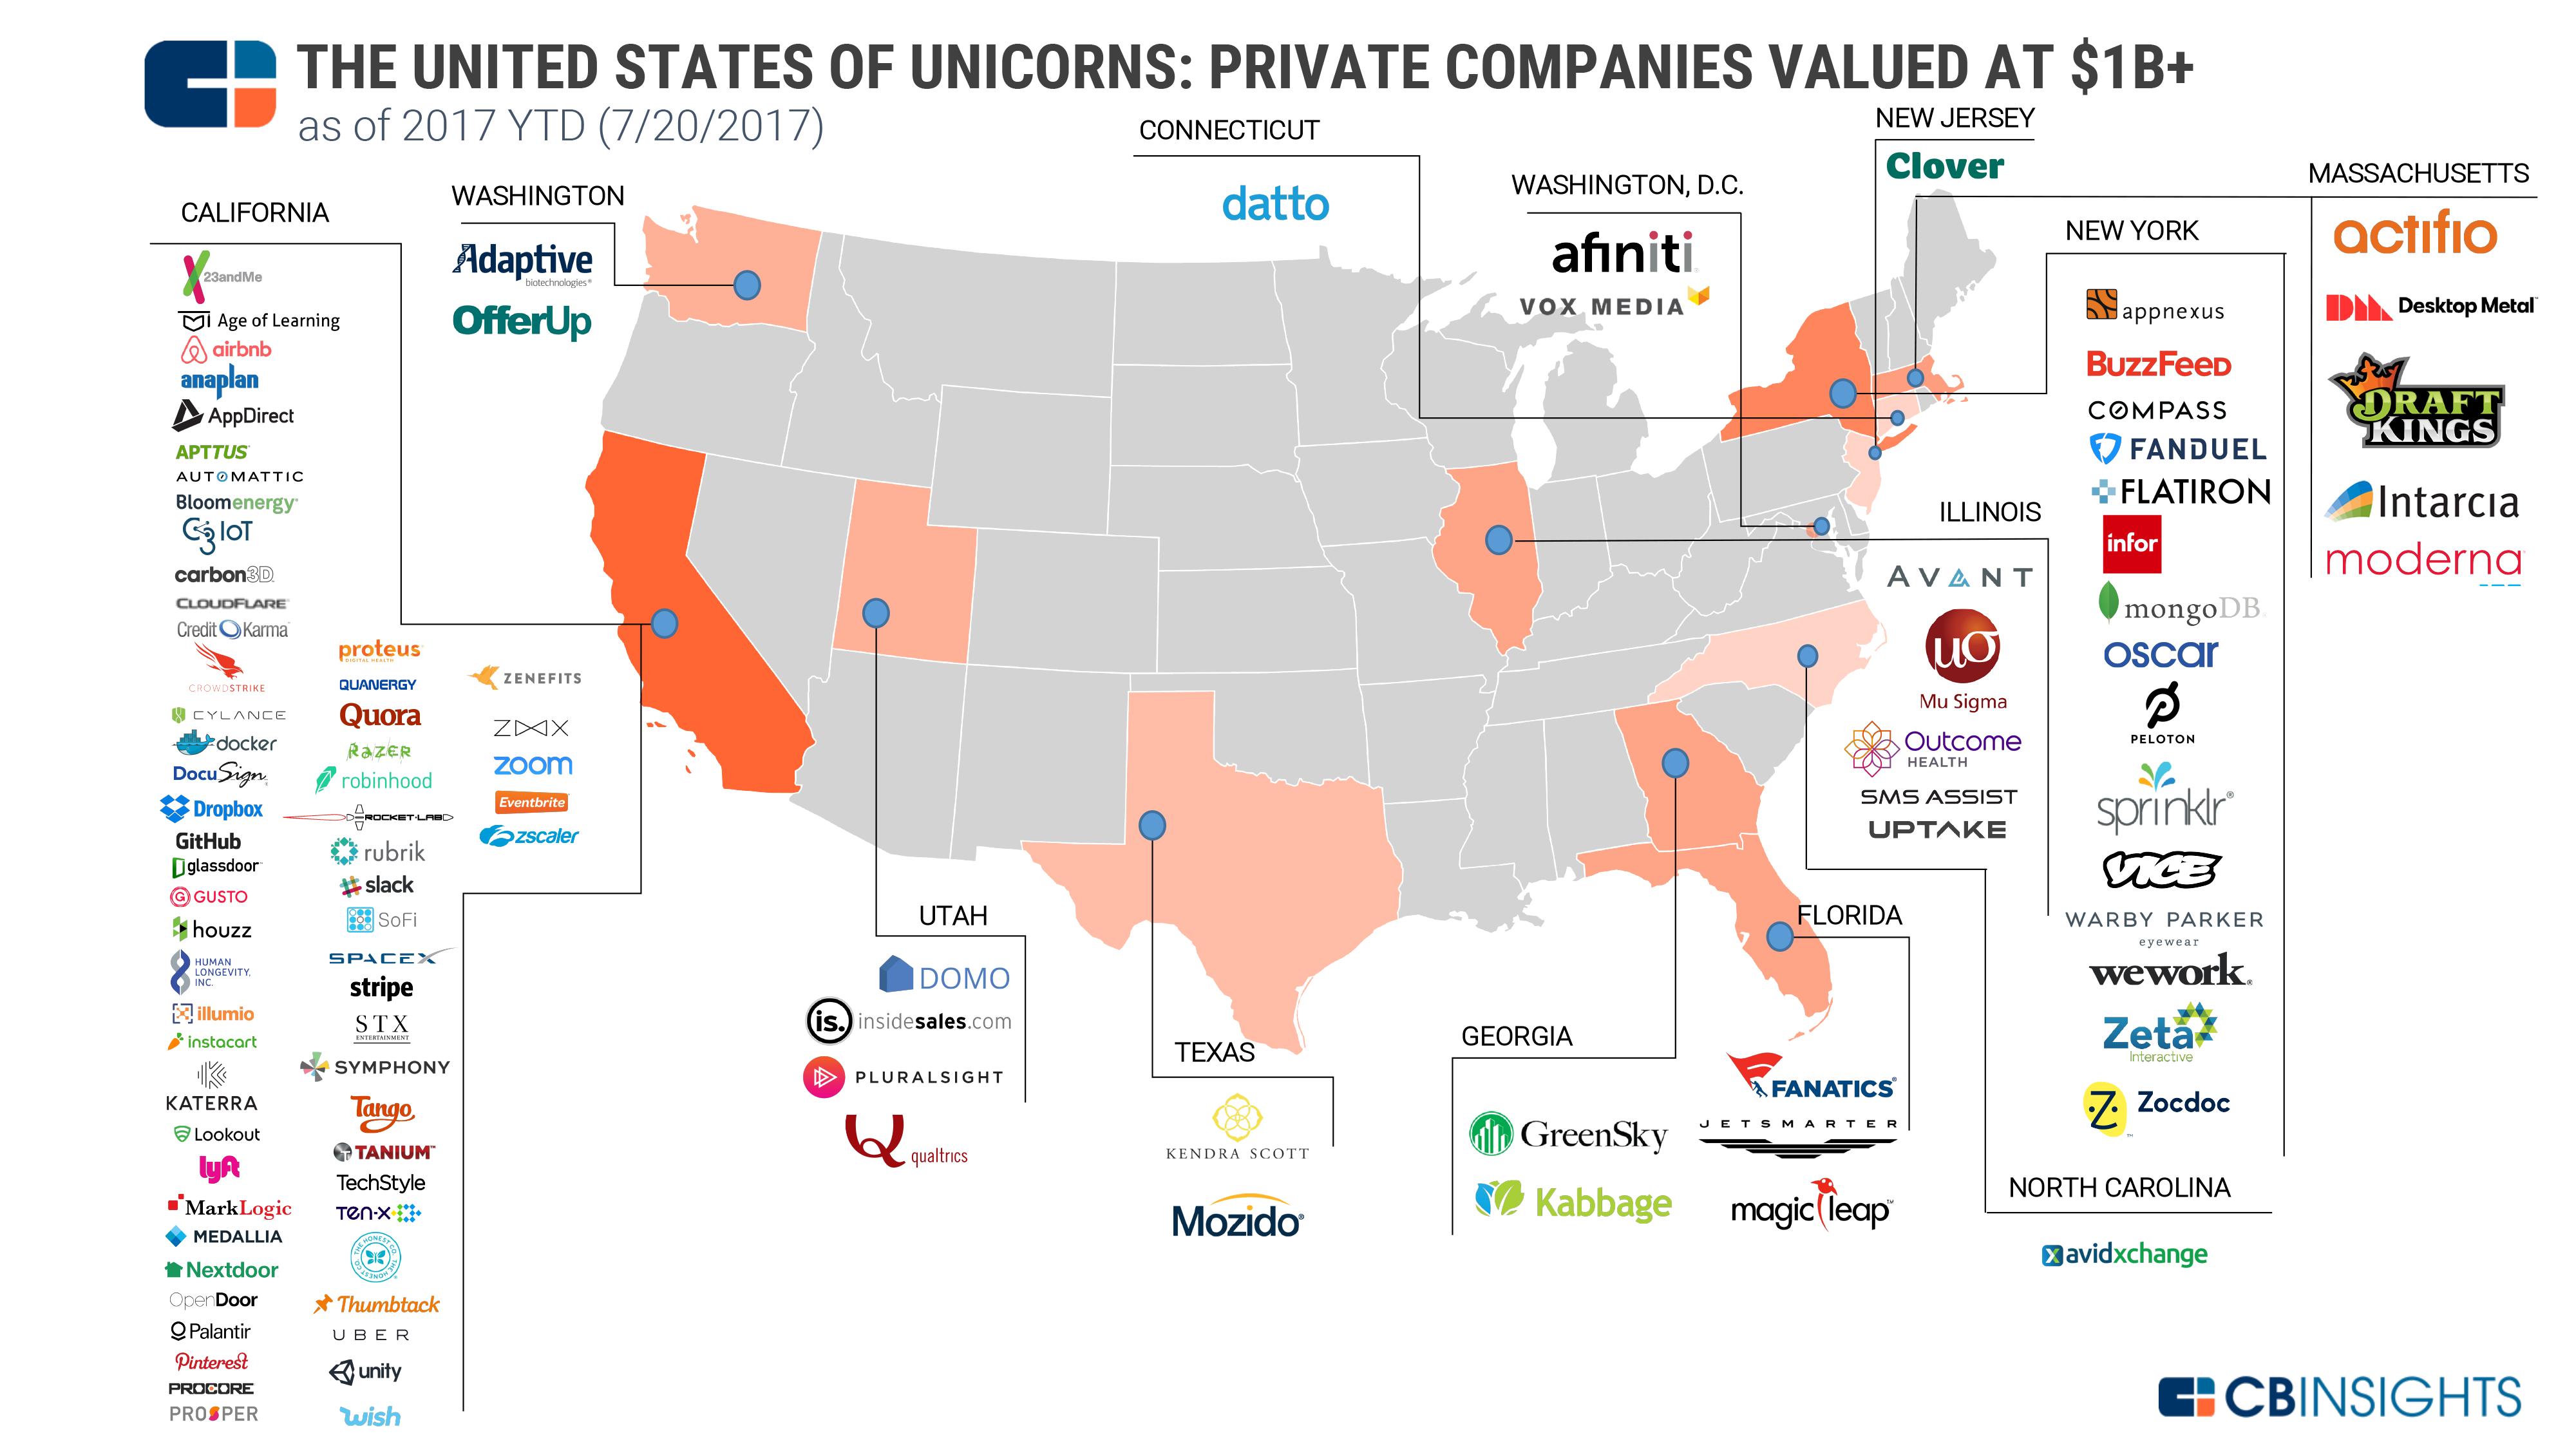 The-United-States-Of-Unicorns-7.26.17-1